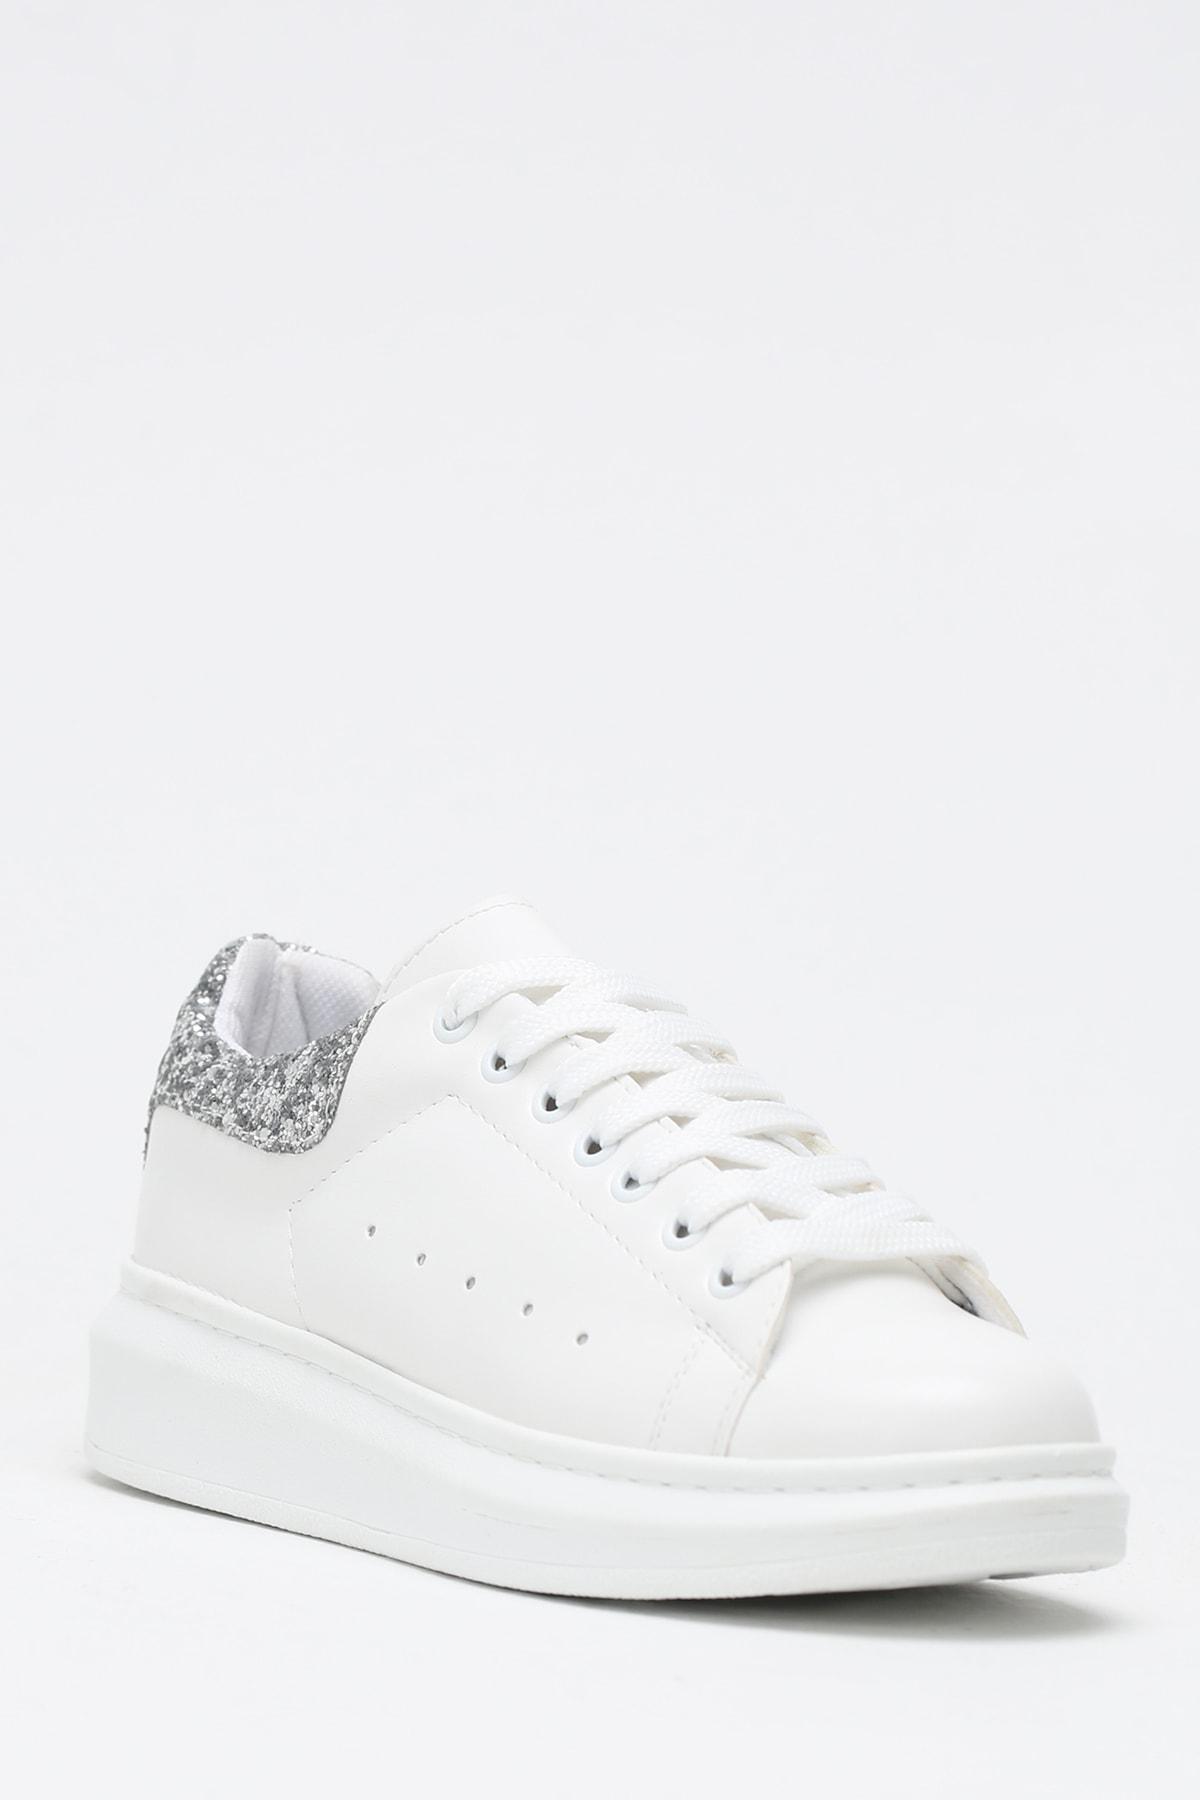 Ayakkabı Modası Beyaz-Gümüş Kadın Casual Ayakkabı 5007-20-110001 2